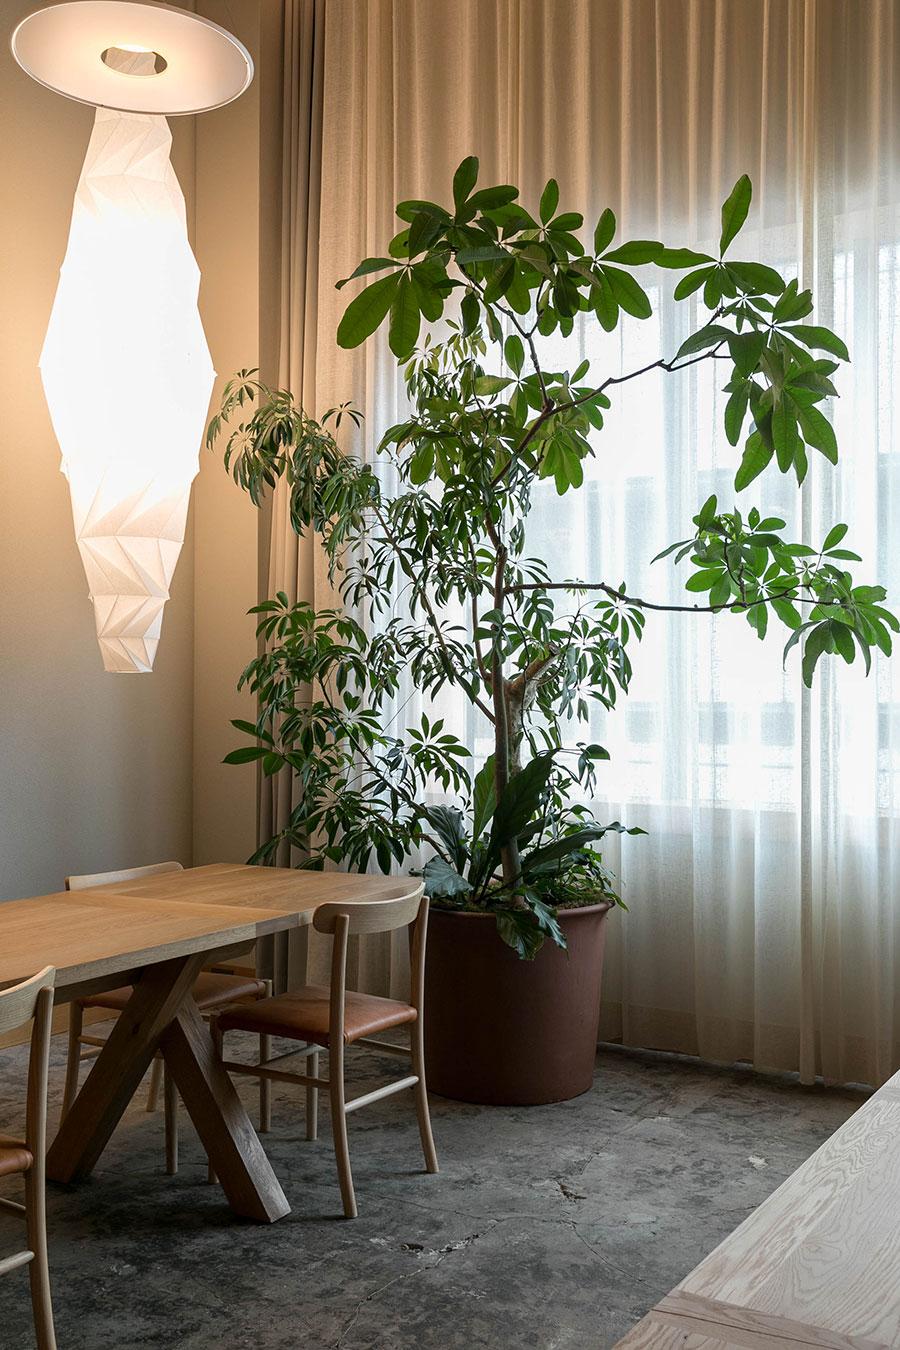 スイートルームのパキラとシェフレラ、モンステラの寄せ植え。「珍しい植物を使わなくても、組み合わせと樹形の選択でカッコよくなります。いろいろな角度から見られる場所にある鉢なので、どこから見てもいいように造りました」。葉は光に向かって伸びる性質があるので、時々鉢を回してバランスを整えている。